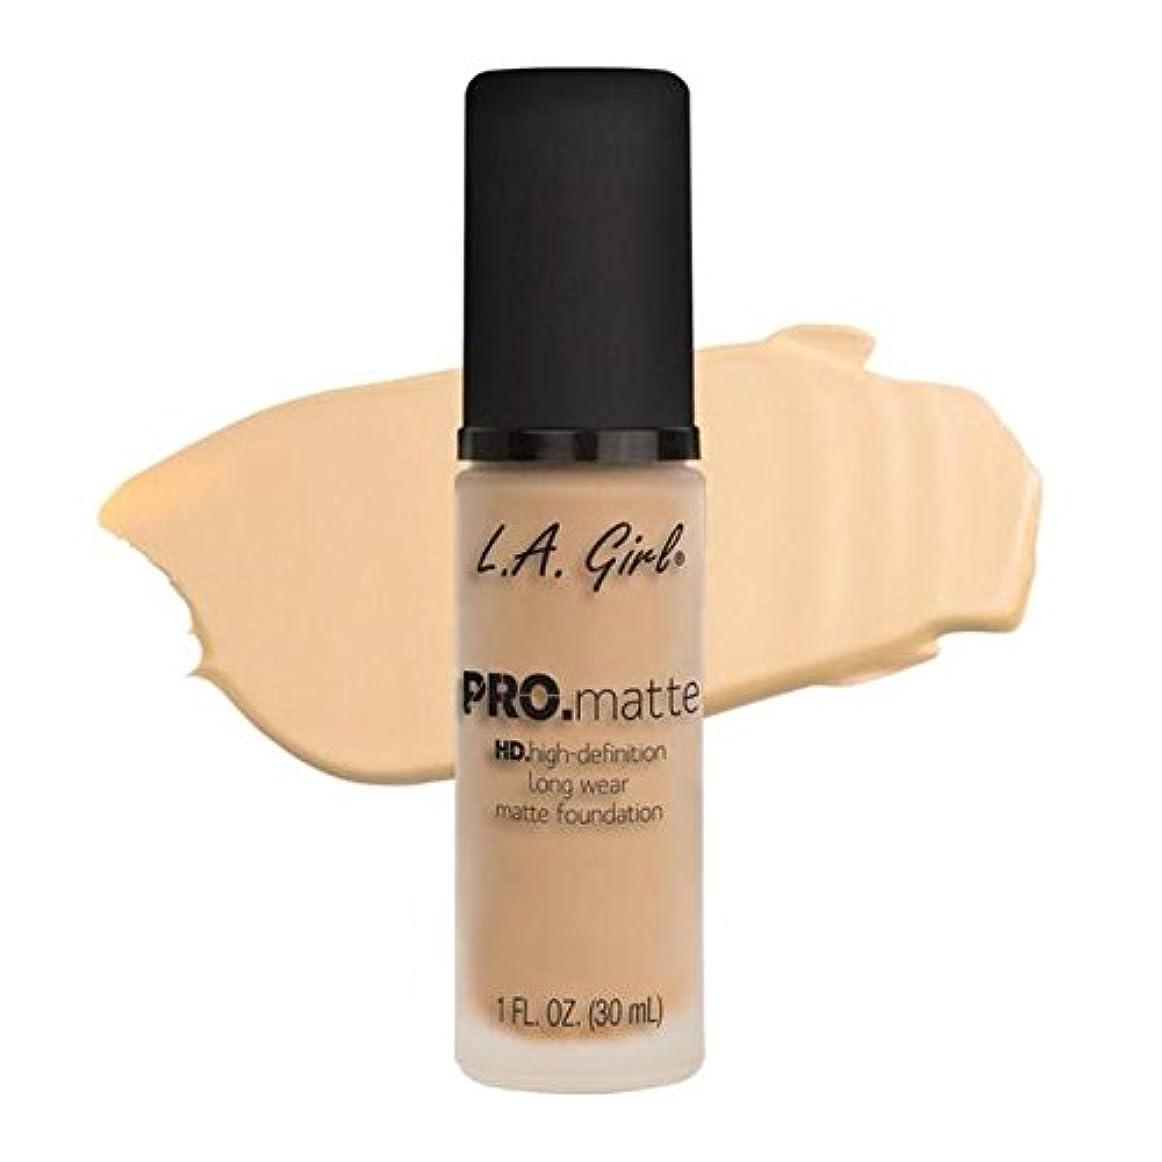 ネックレットことわざベーシックLA Girl PRO.mattte HD.high-definition long wear matte foundation (GLM671 Ivory)